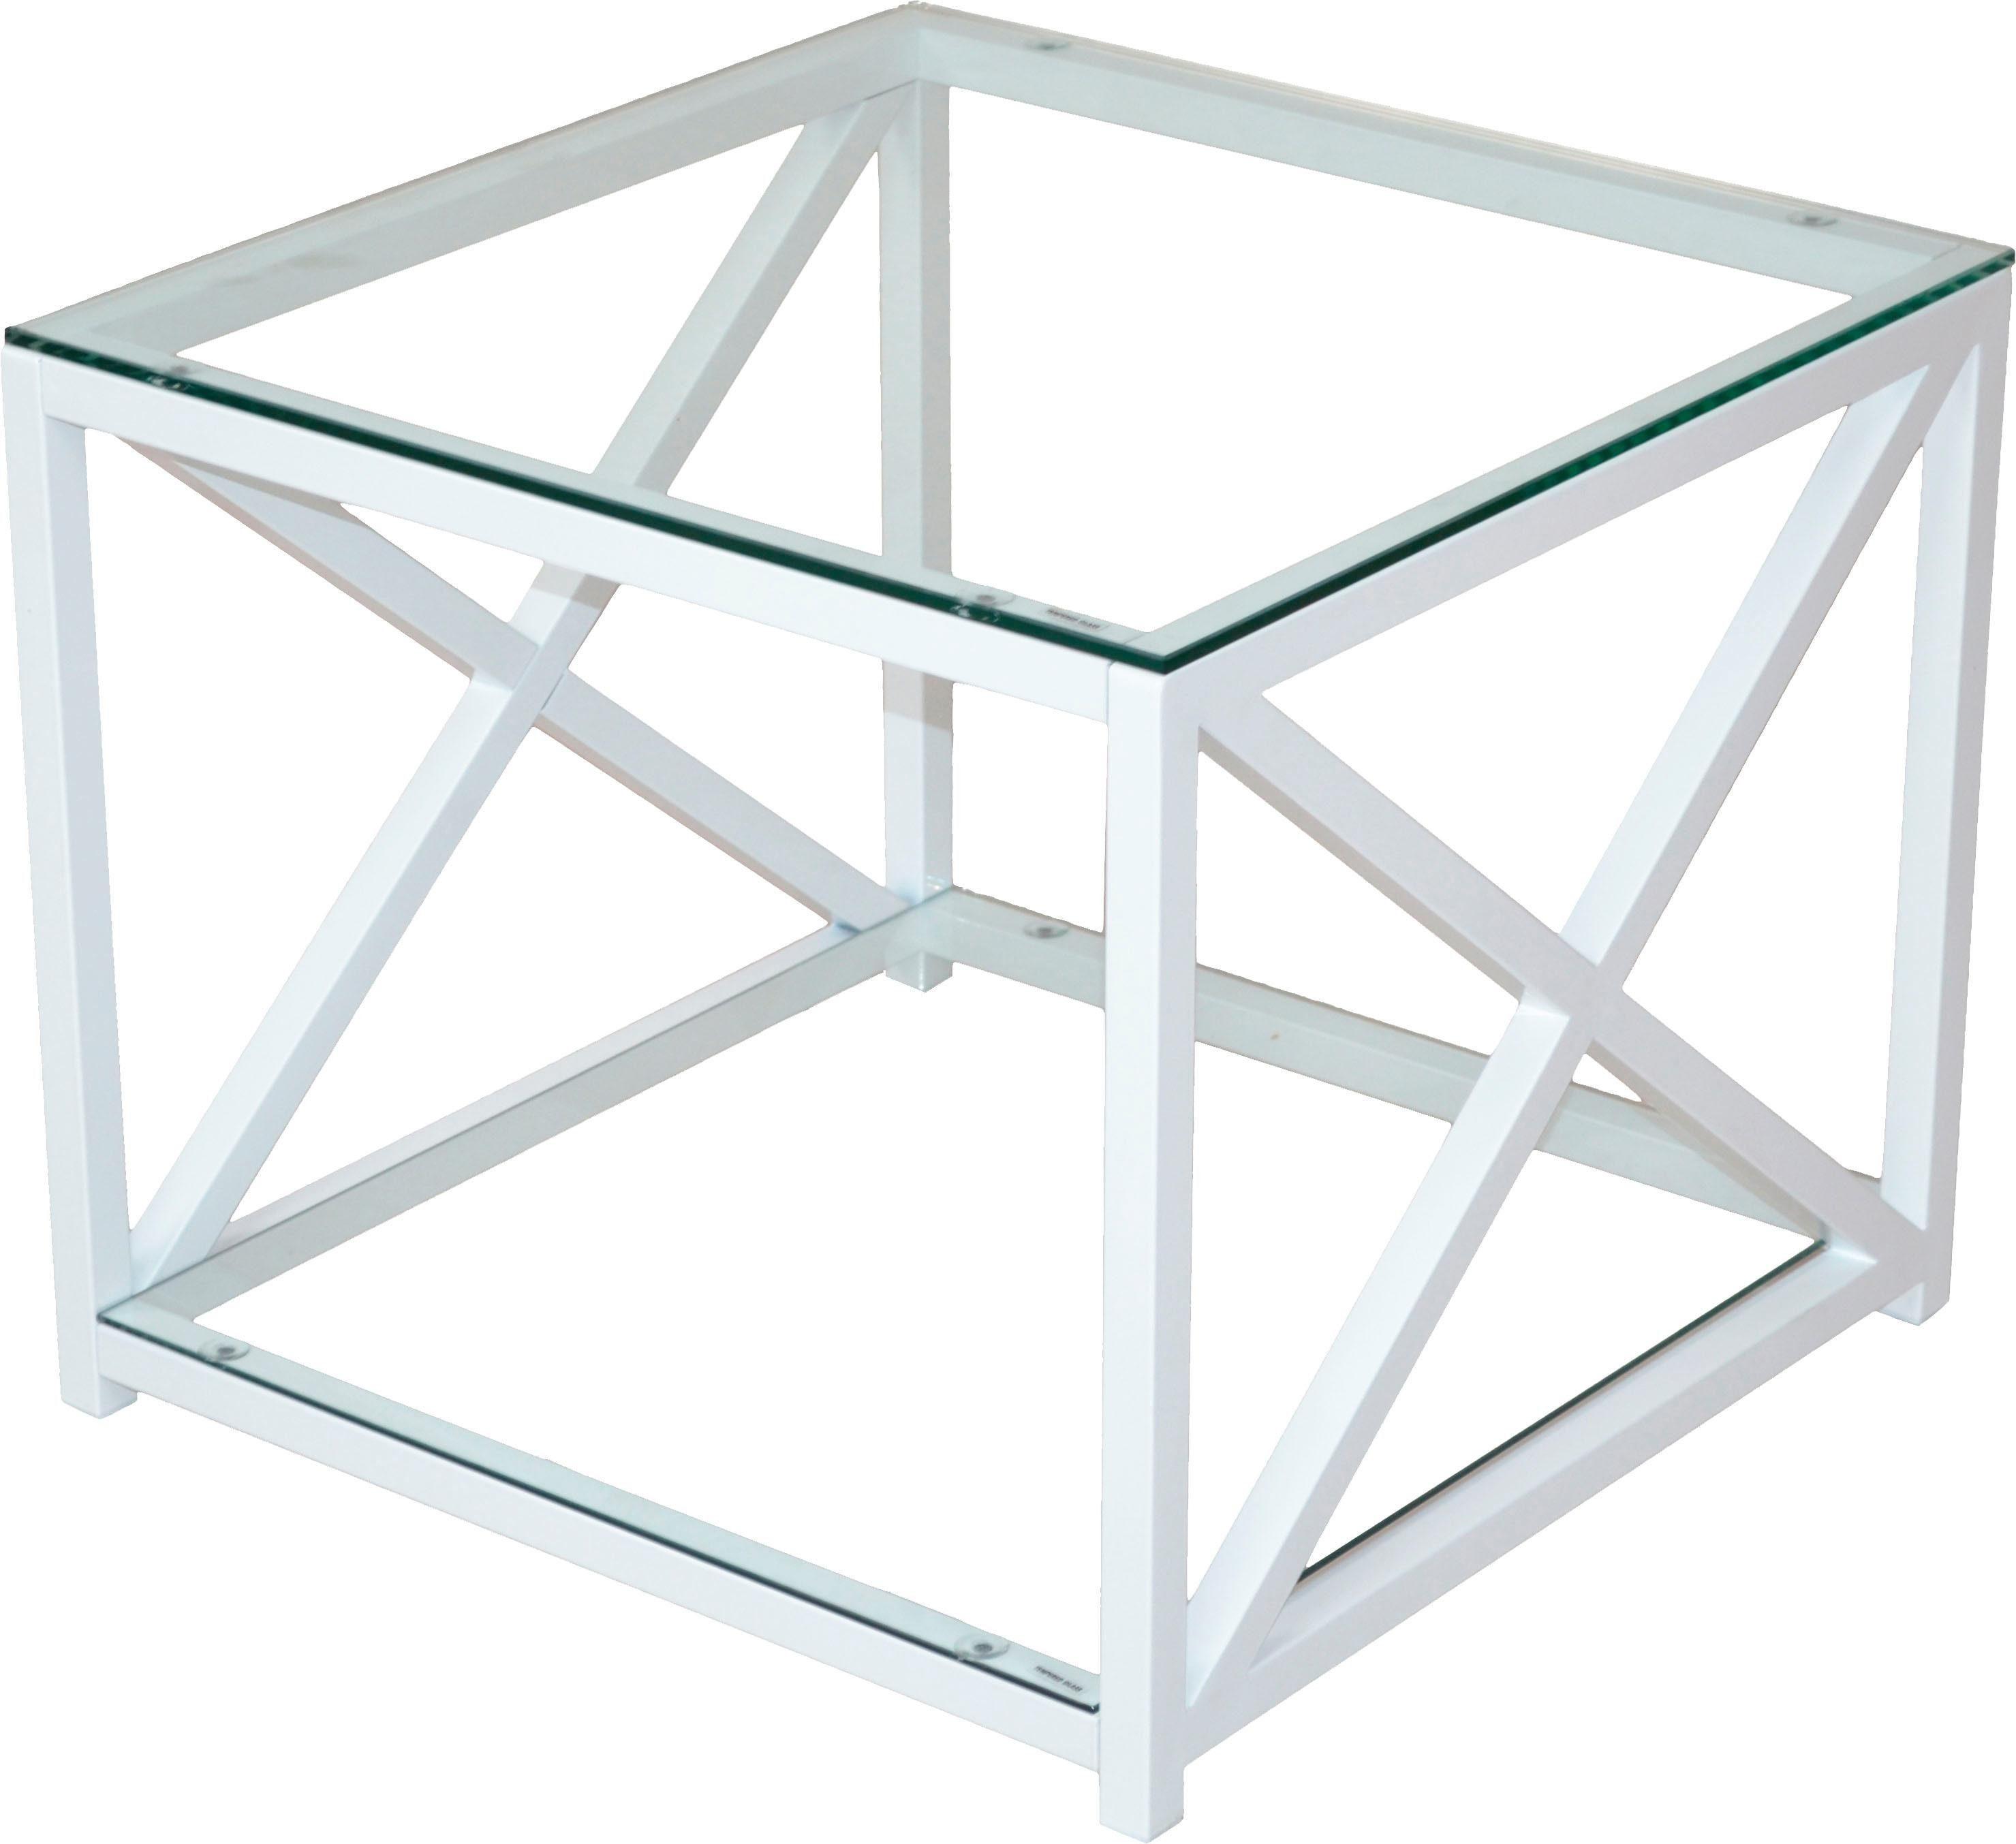 Home Affaire Beistelltisch mit 2 Sicherheits-Klarglasböden